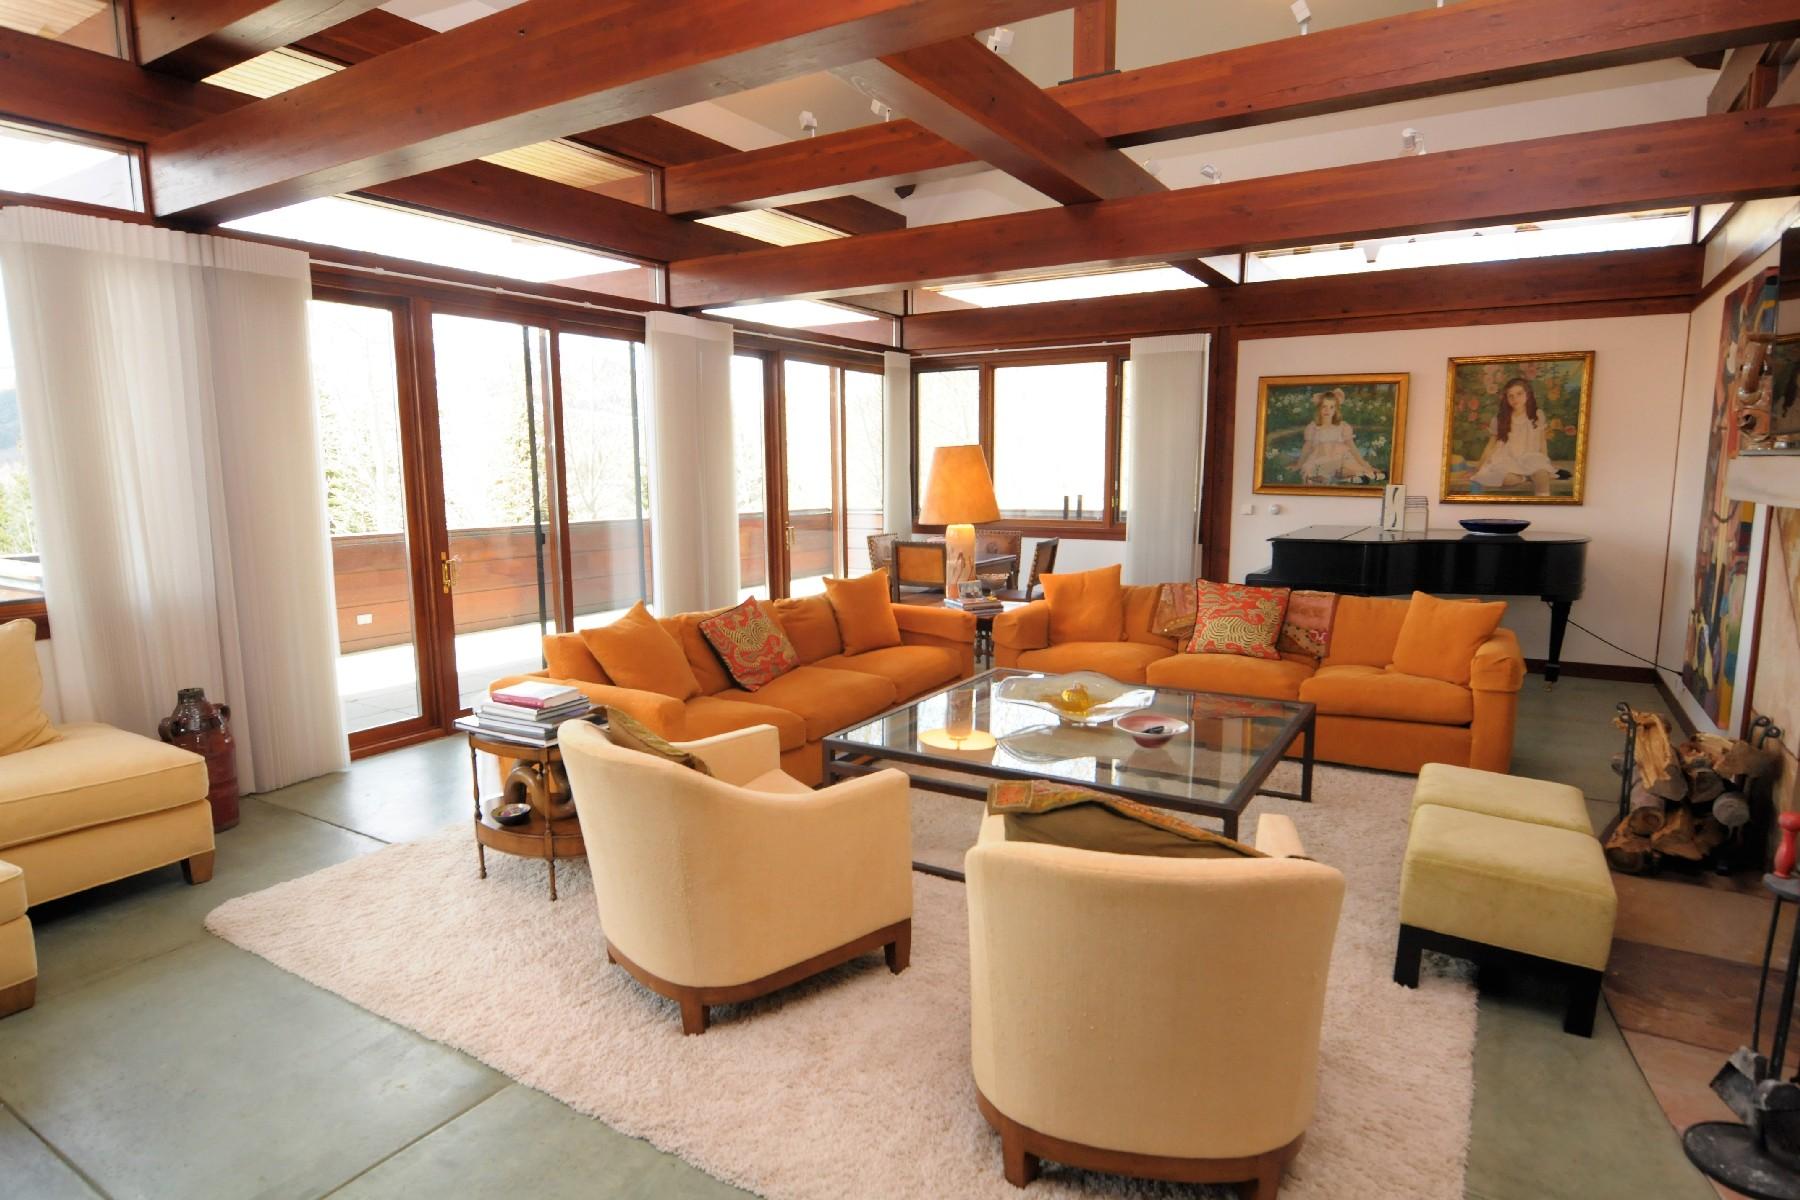 Частный односемейный дом для того Продажа на Bigwood Subdivision 175 Stoneridge Rd Ketchum, Айдахо, 83340 Соединенные Штаты